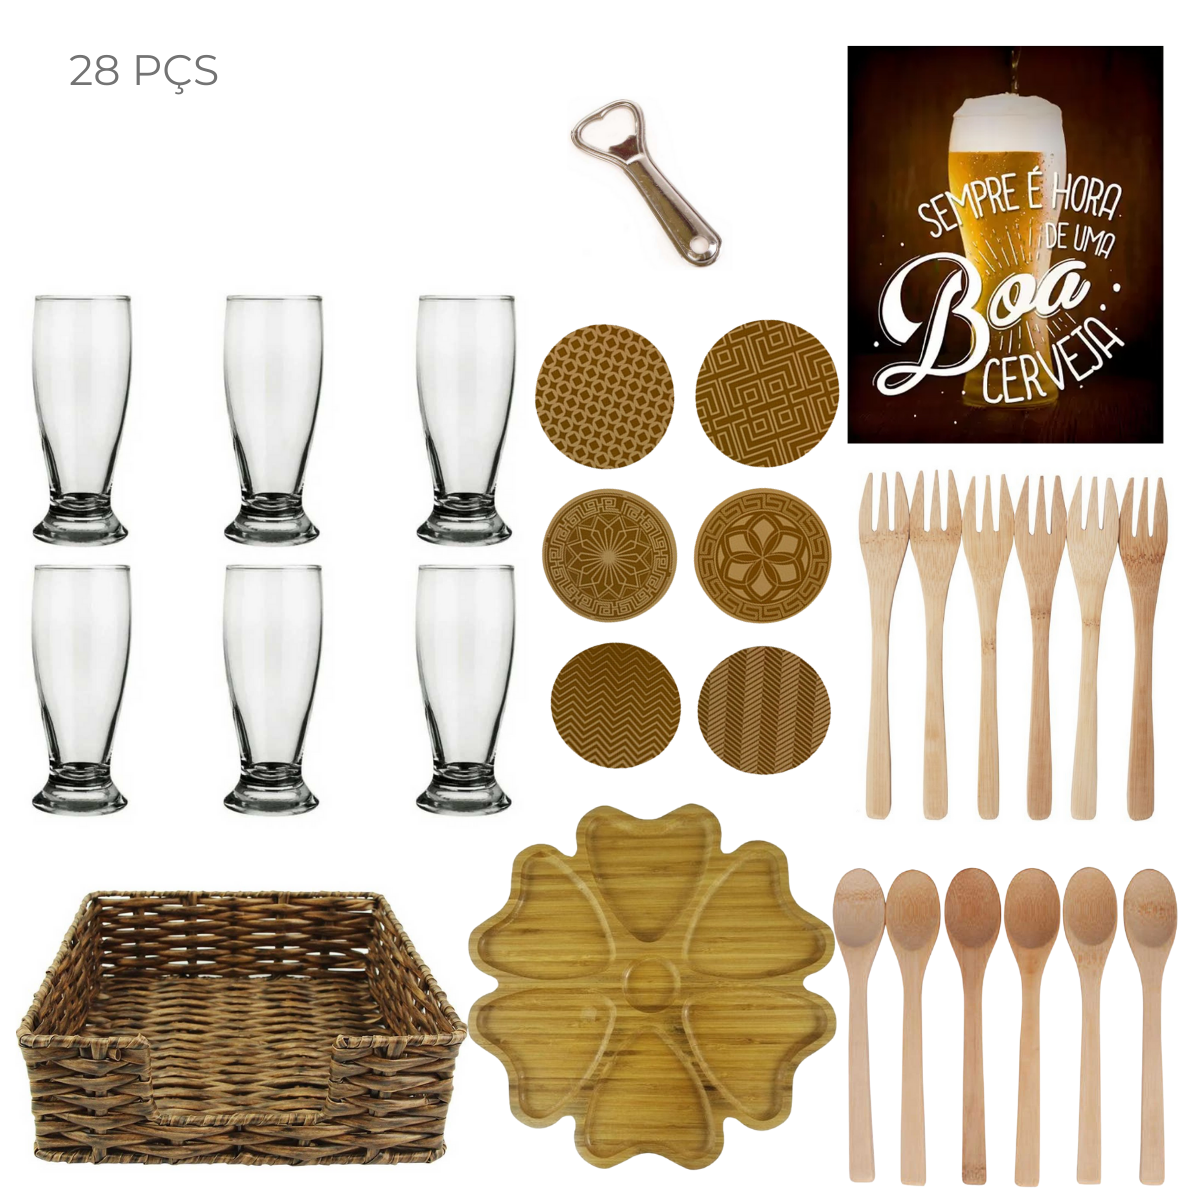 Conjunto com 28 peças para os amantes de uma boa cerveja